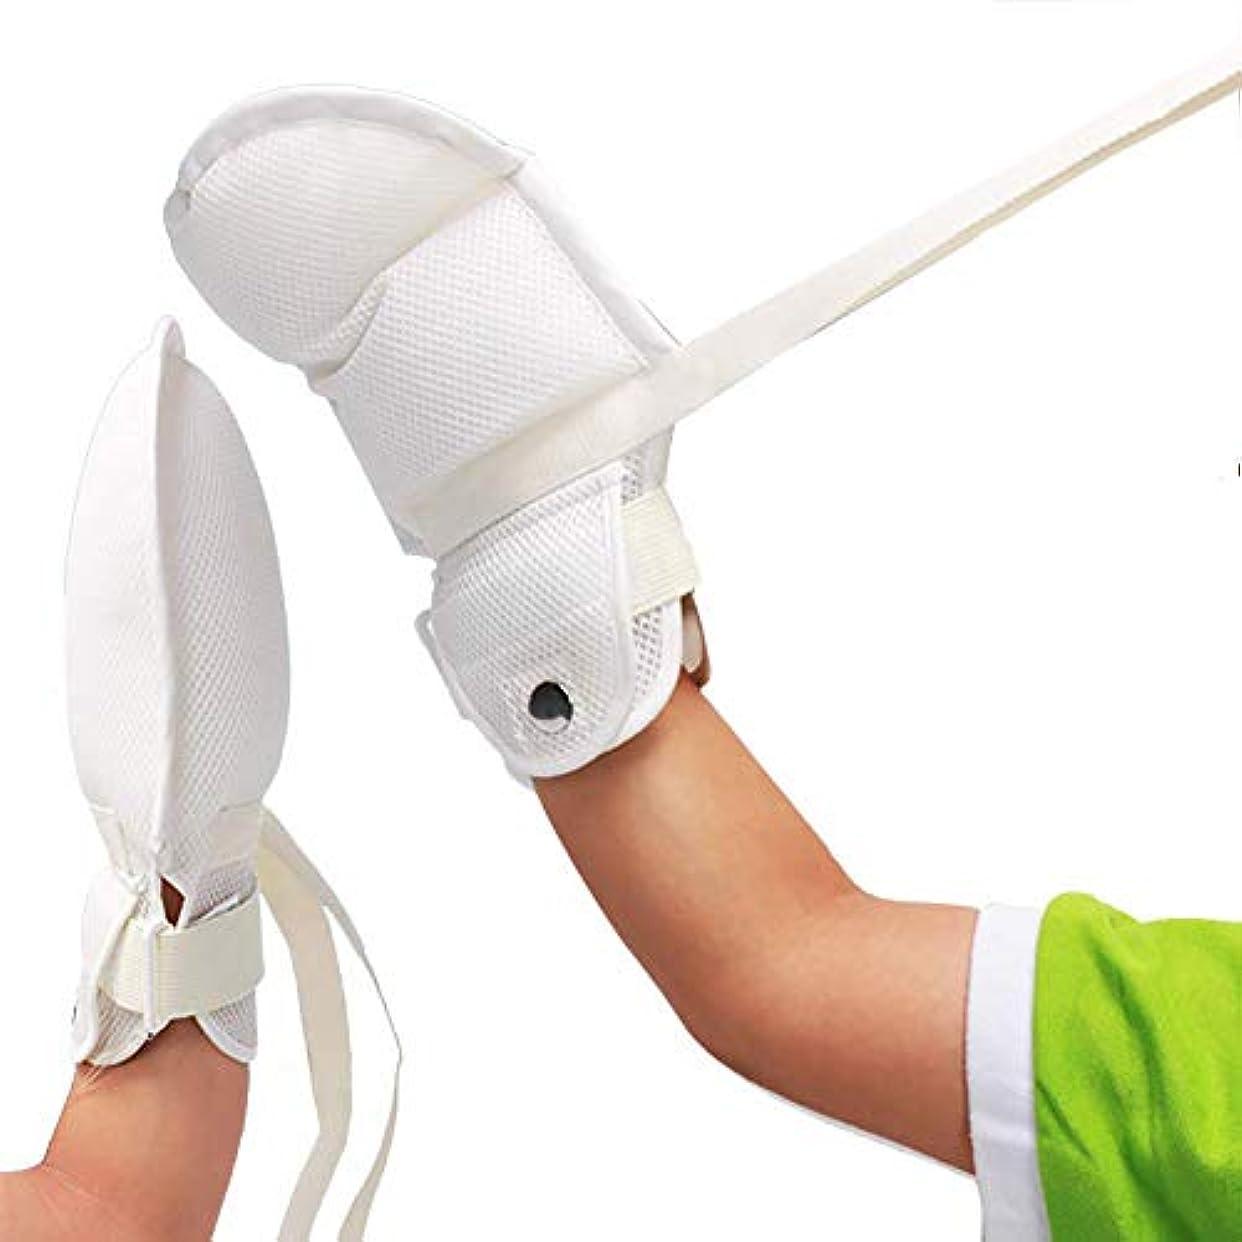 豆フィードバックリンケージ厚く暖かいフィンガーコントロールミット、手に感染した保護パッドグローブ、安全制限付きグローブ、安全で普遍的な成人向けの指の負傷の固定グローブ (2PCS)